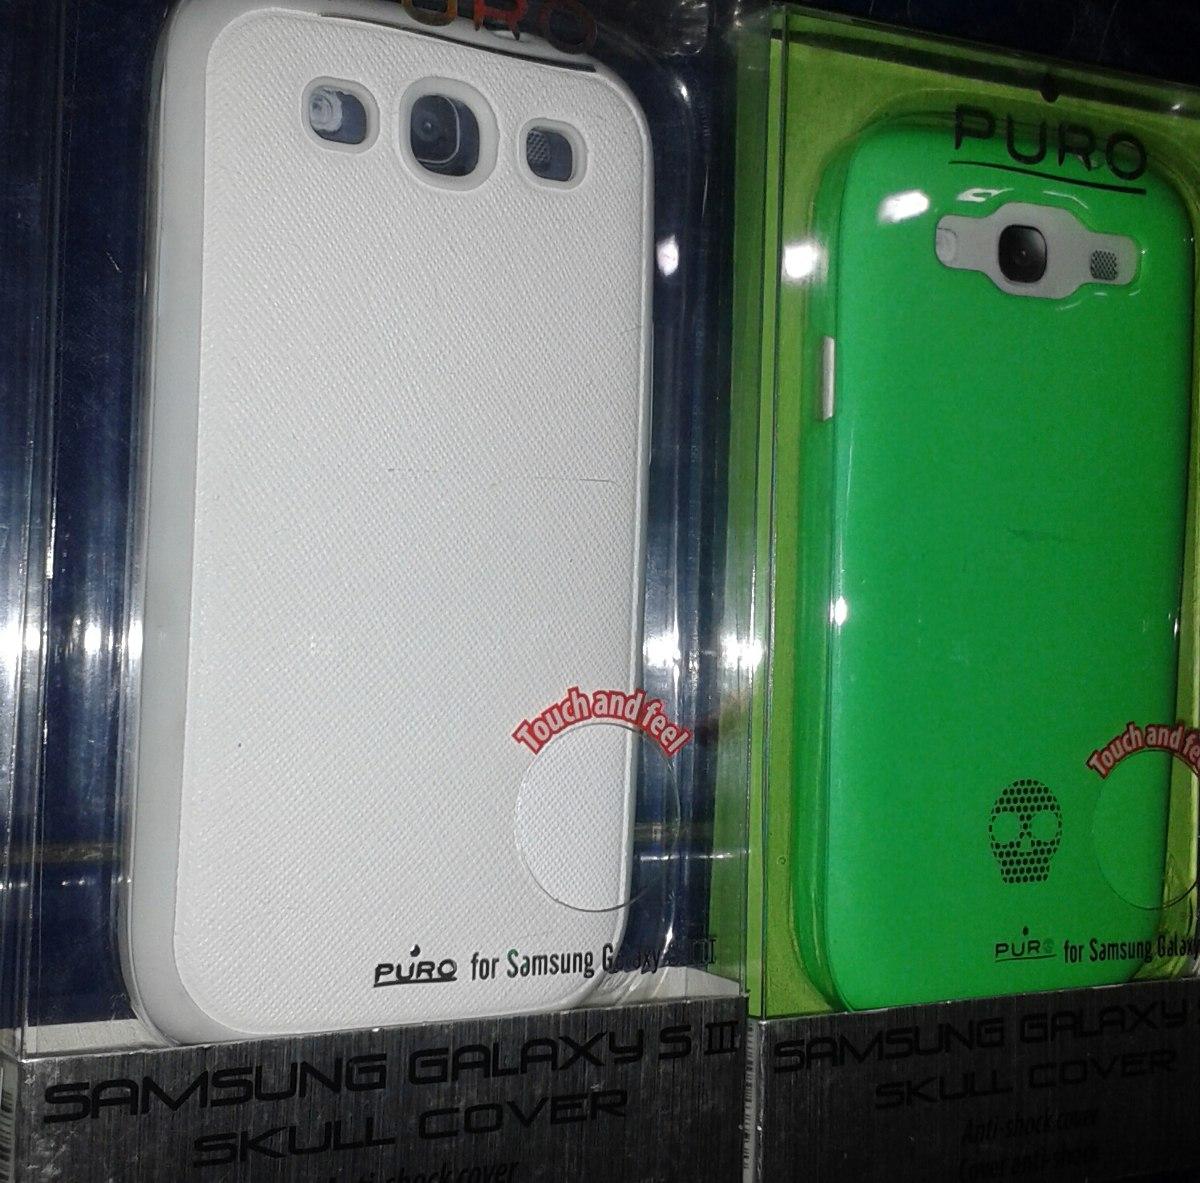 cb63494a4fa Forro Samsung Galaxy S3 Grande De Goma - Bs. 3.900,00 en Mercado Libre